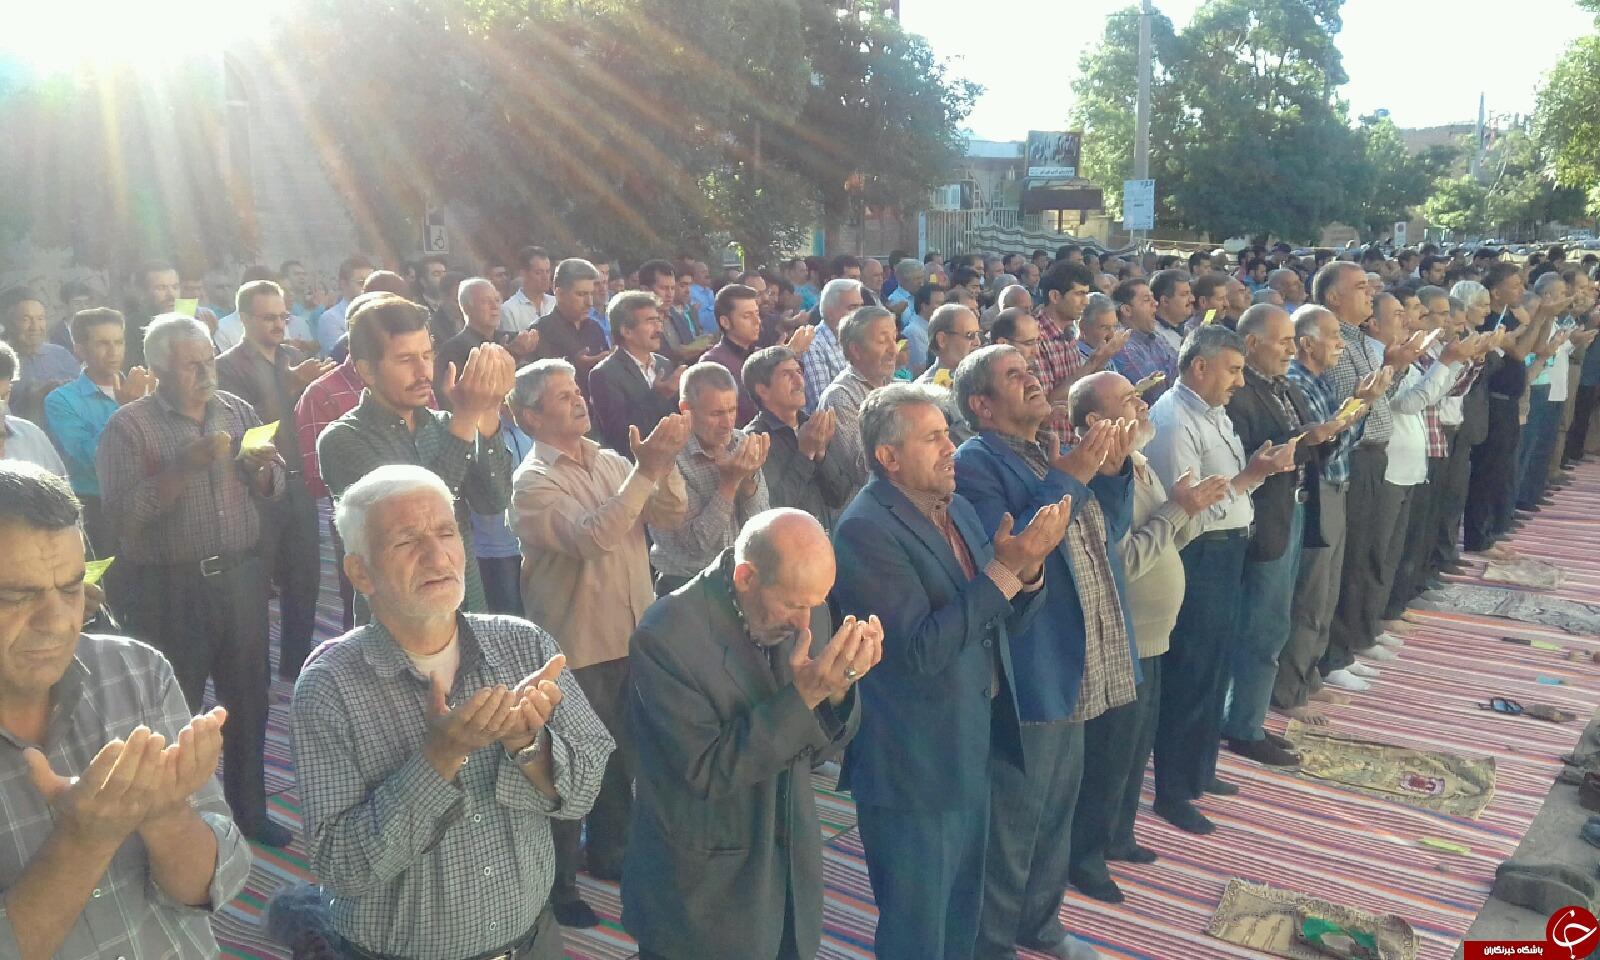 برپایی نماز عید فطر در سراسر استان فارس + تصاویر